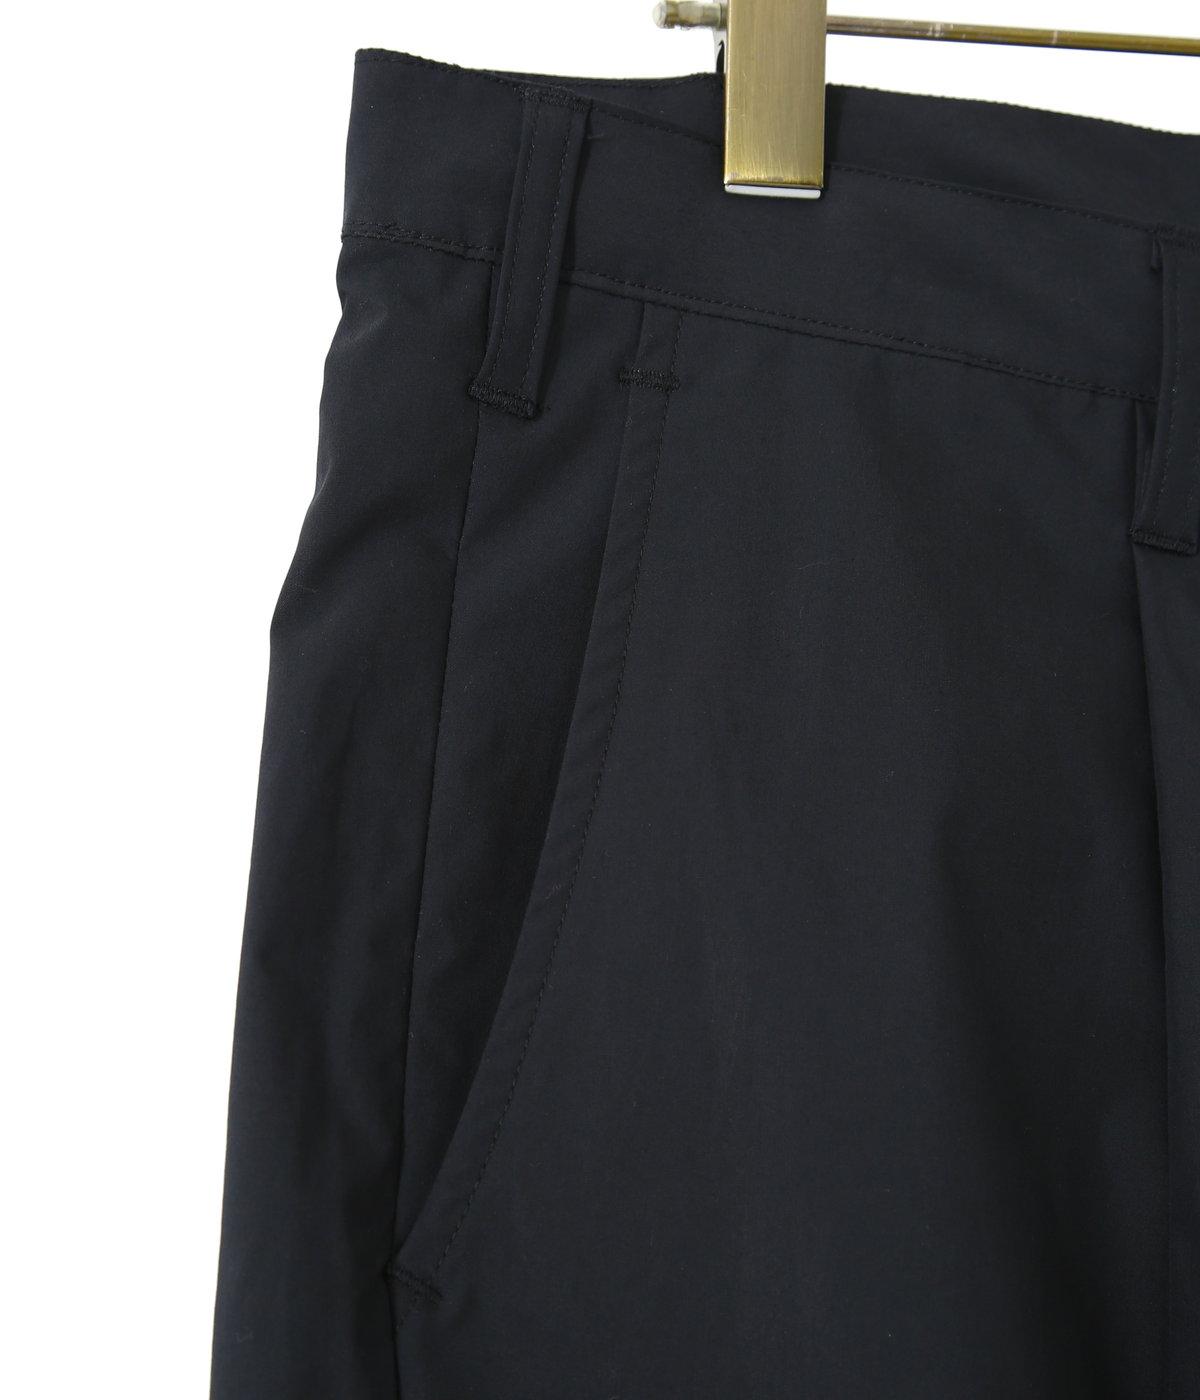 【予約】STRETCH WEATHER CLOTH OFFICER PANTS